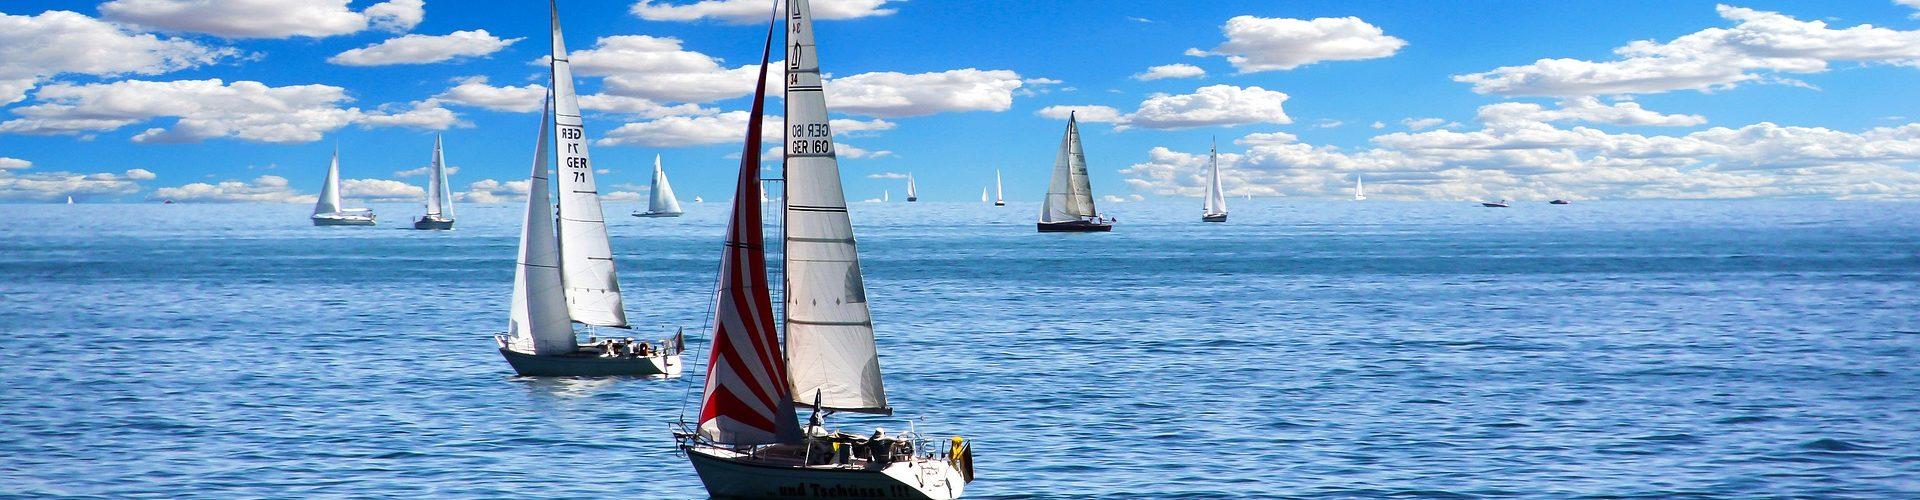 segeln lernen in Nürtingen segelschein machen in Nürtingen 1920x500 - Segeln lernen in Nürtingen